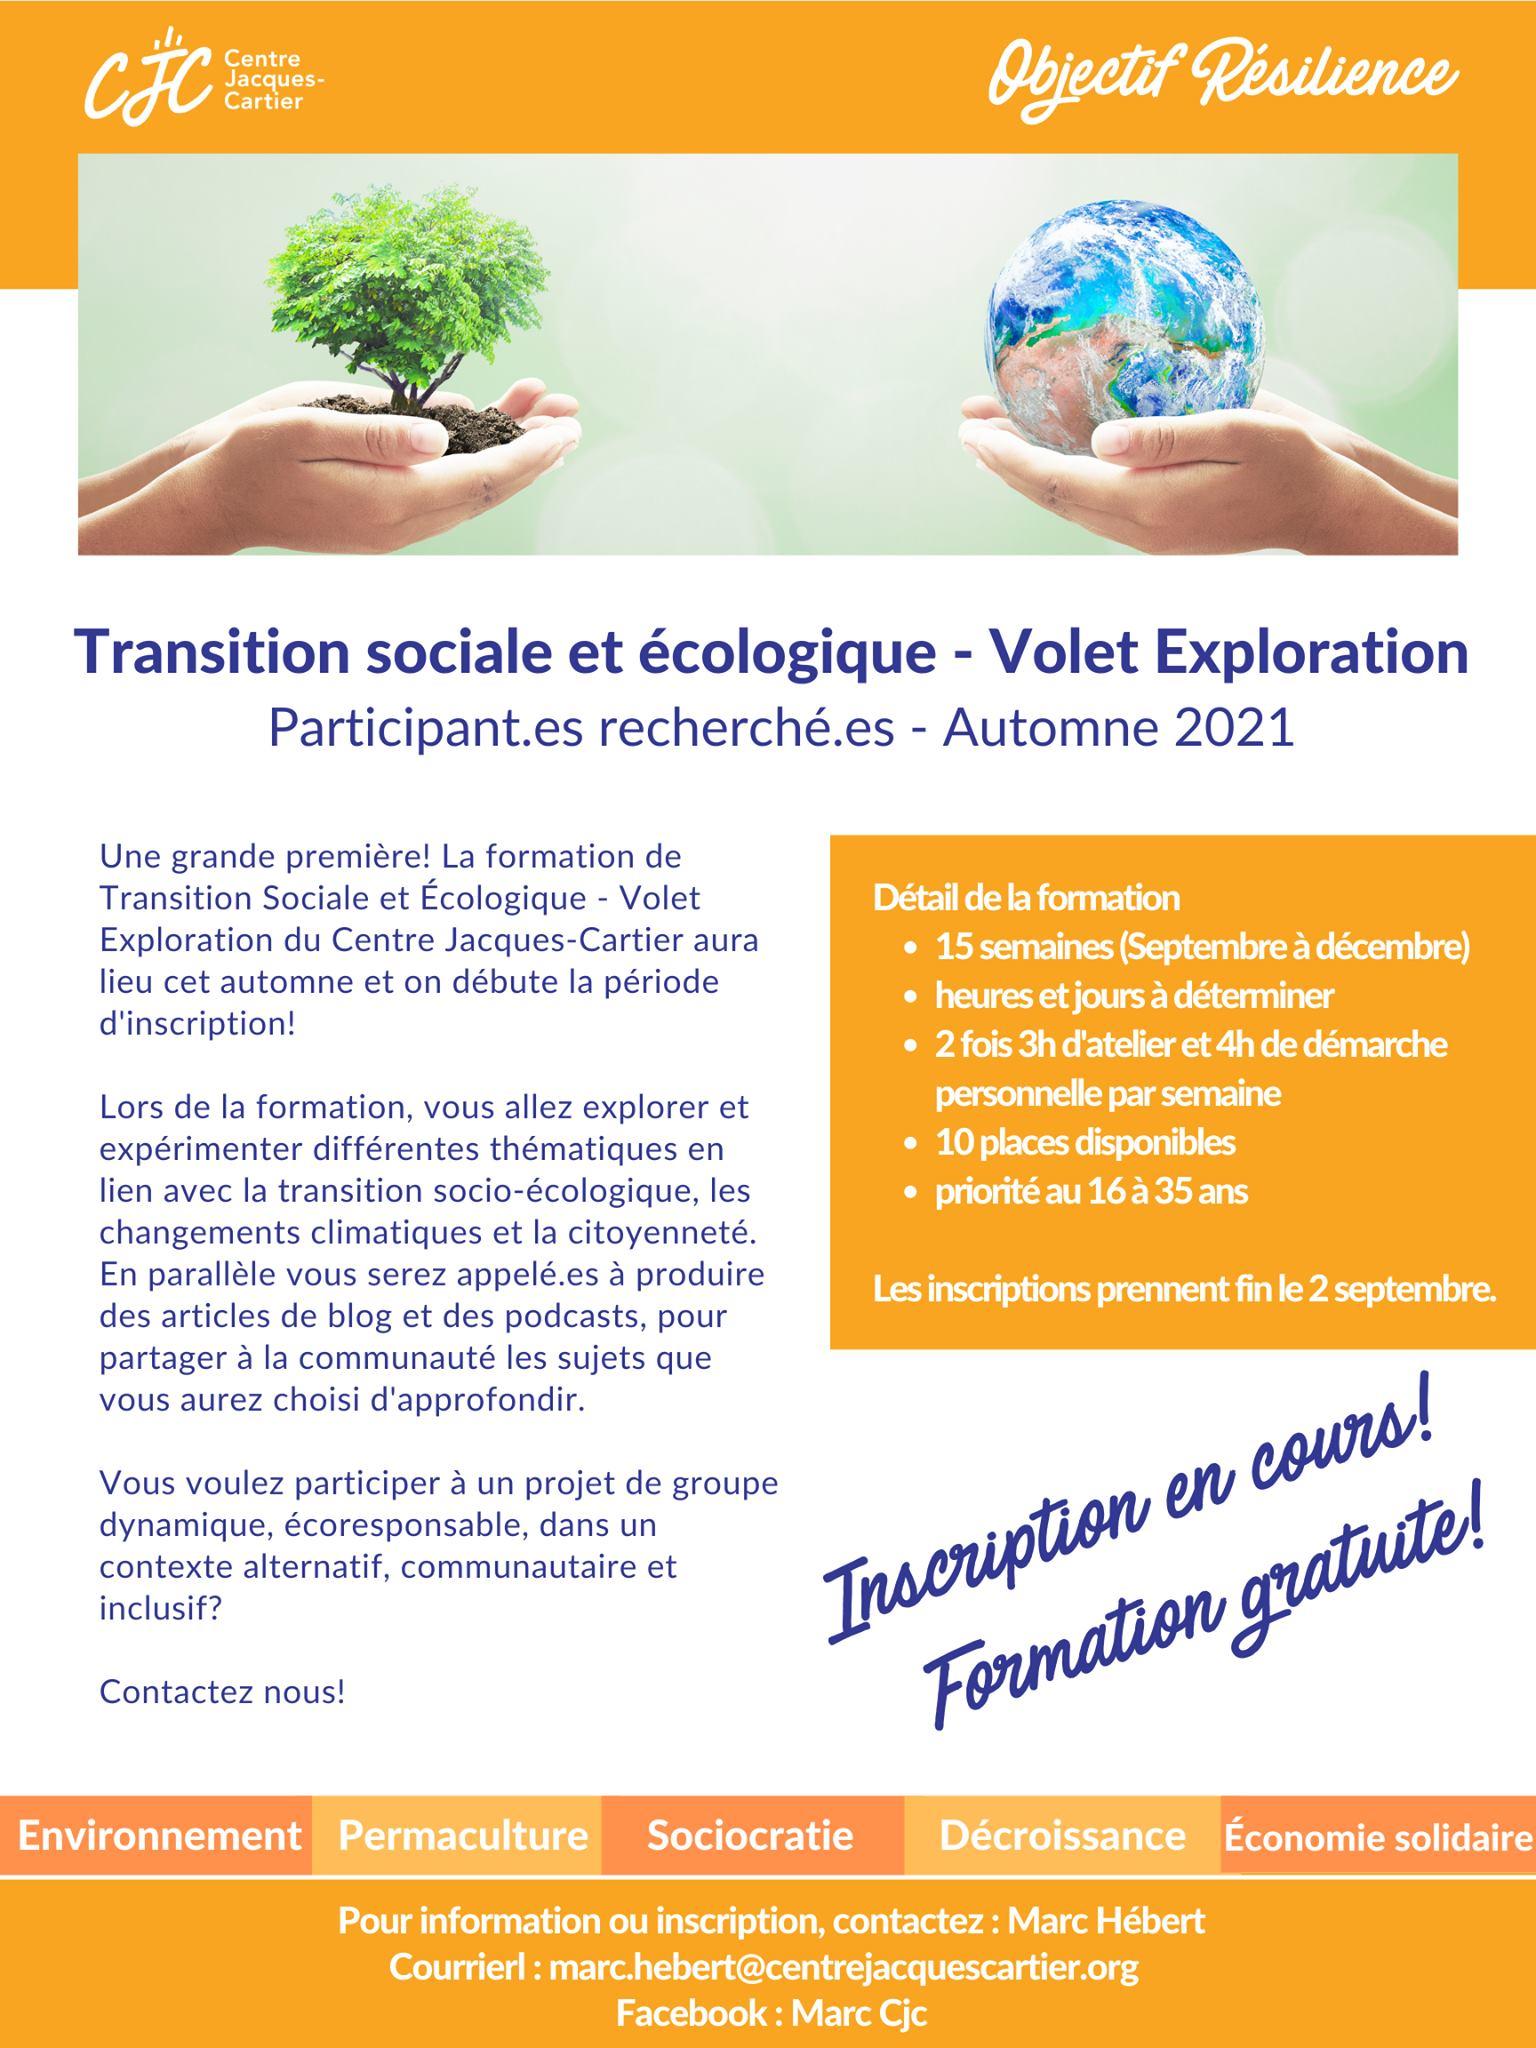 Formation de transition sociale et écologique -Volet exploration